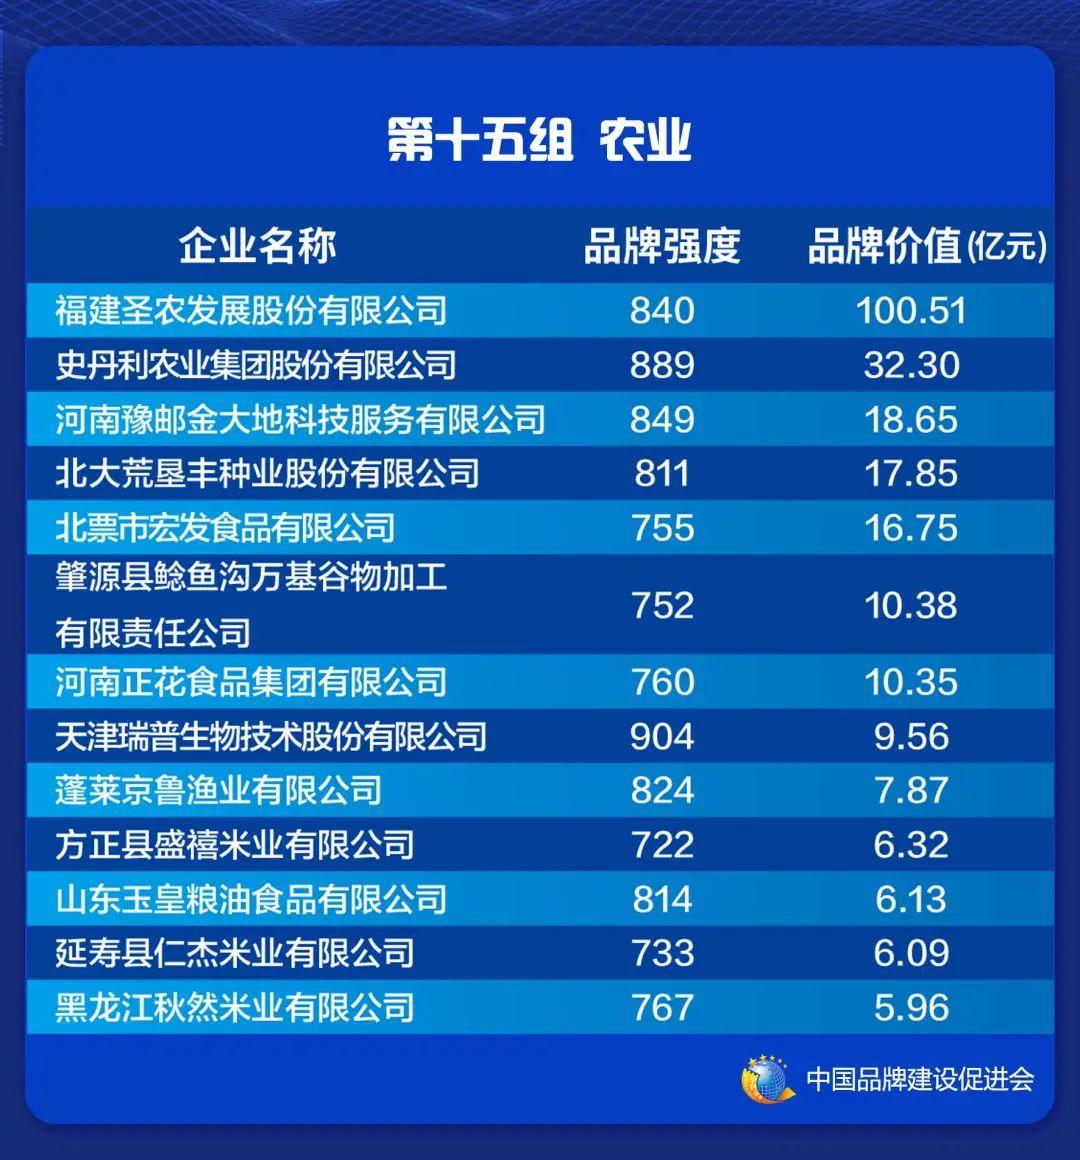 2021中国品牌价值评价信息在上海发布(图17)